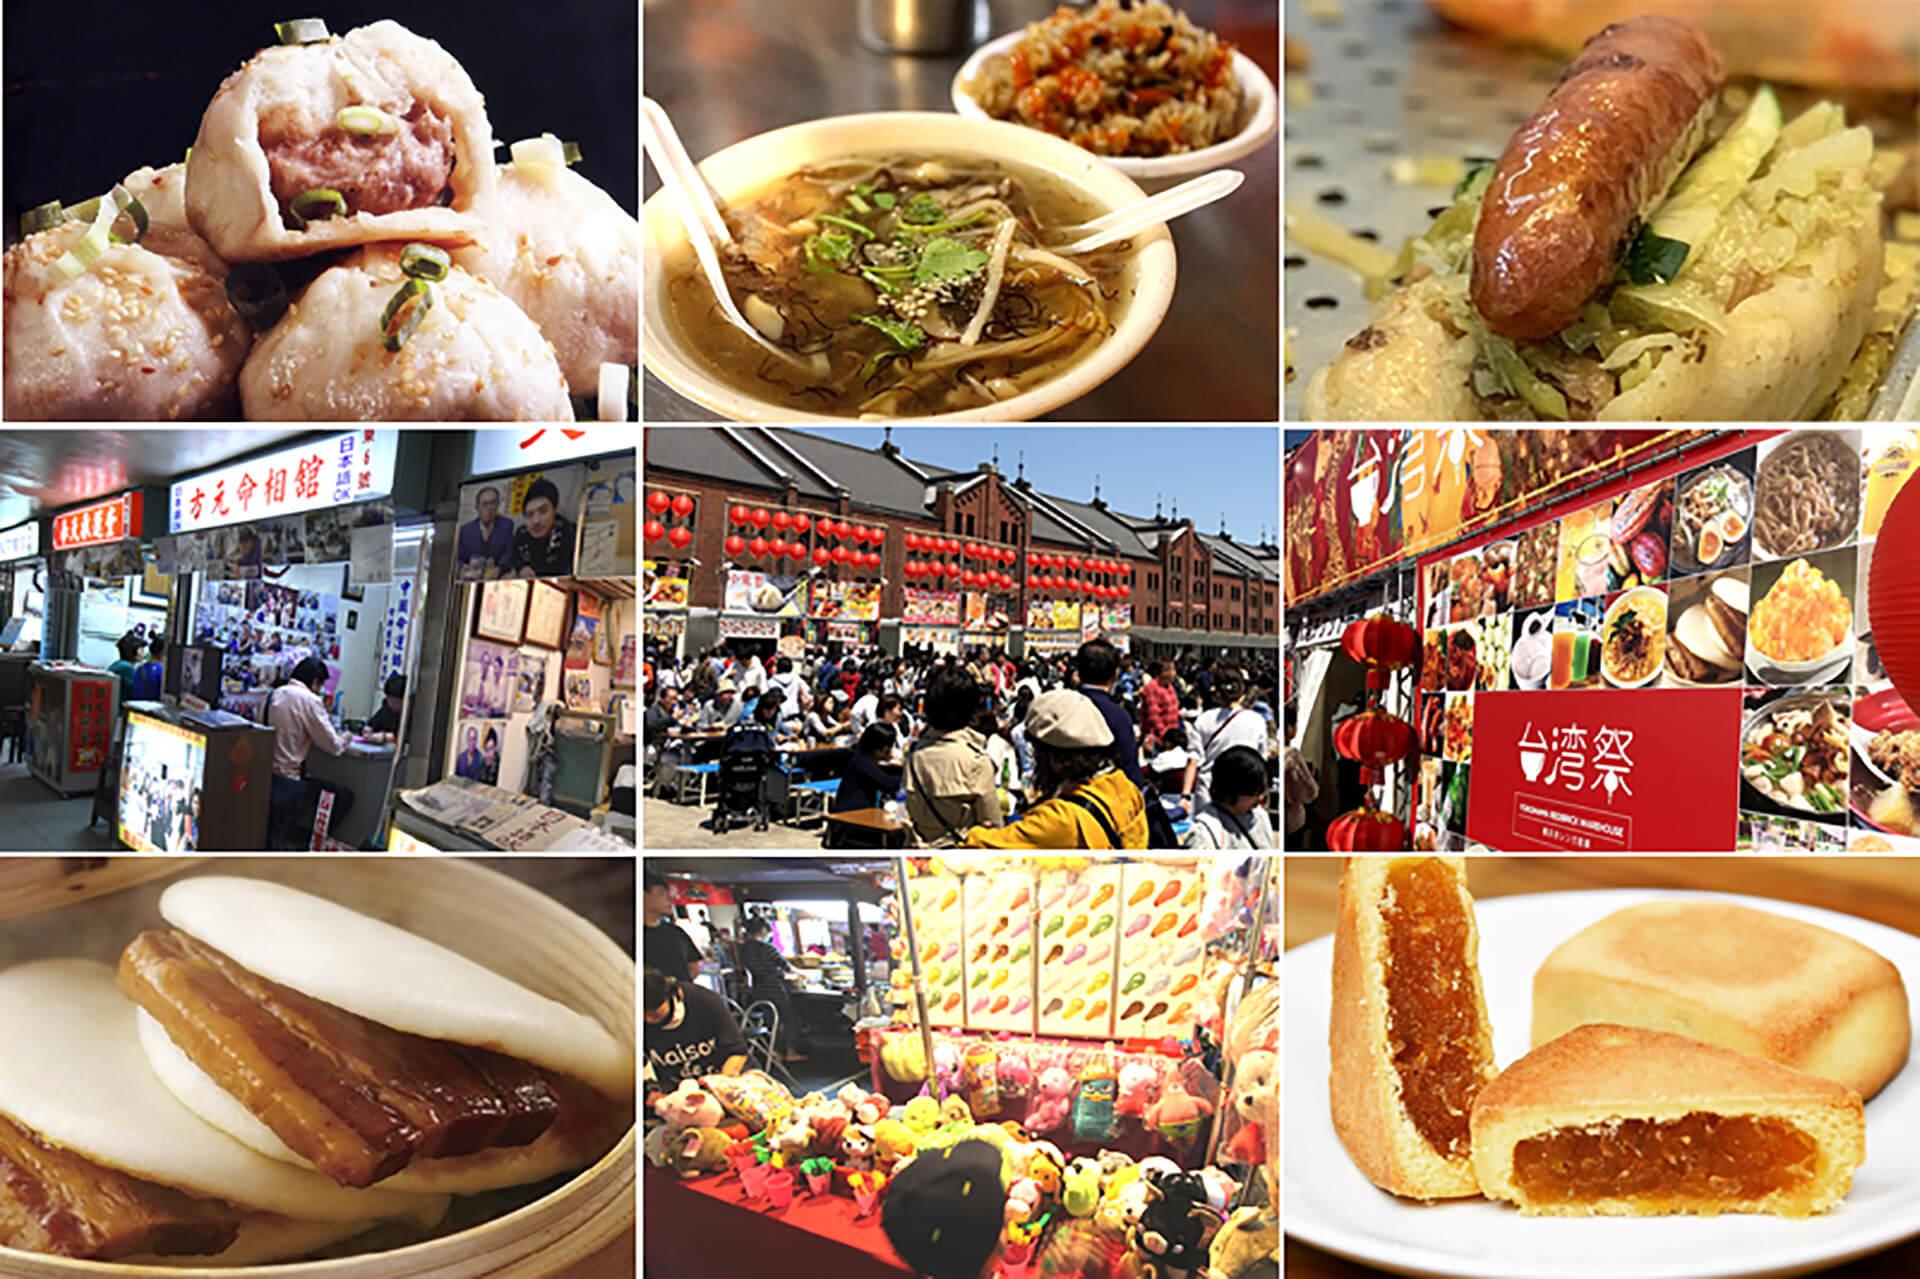 台湾祭in 横浜赤レンガ 2020風景